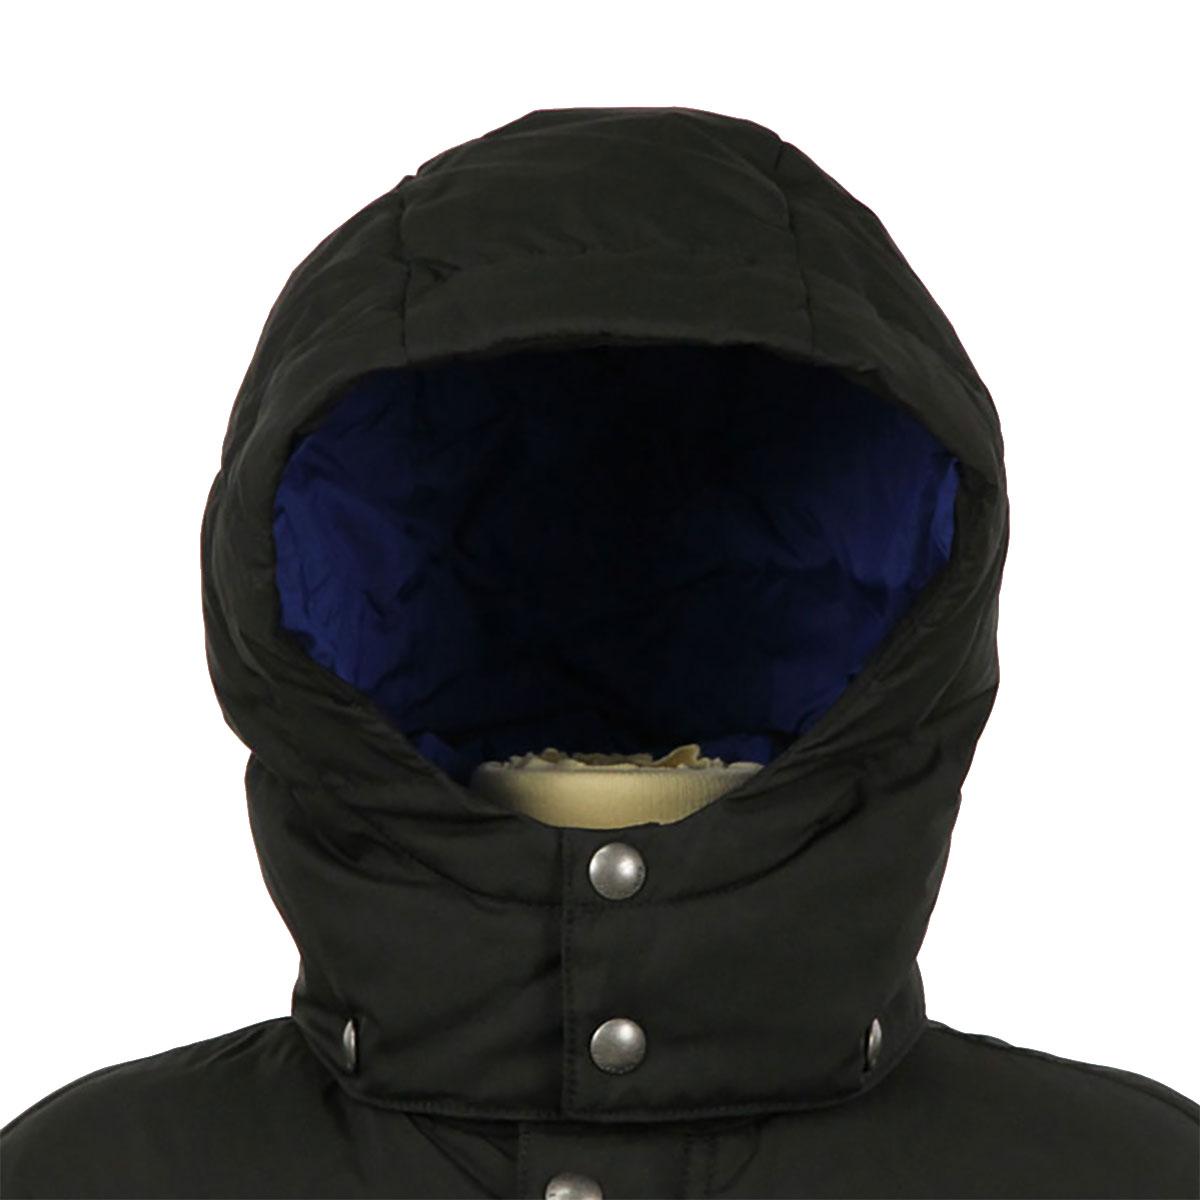 ポロ ラルフローレン キッズ アウター ボーイズ 子供服 正規品 POLO RALPH LAUREN CHILDREN ジャケット ジャケット FLEECE HOOD JACKET D00S20 A63B B5C C1D D4E E13F